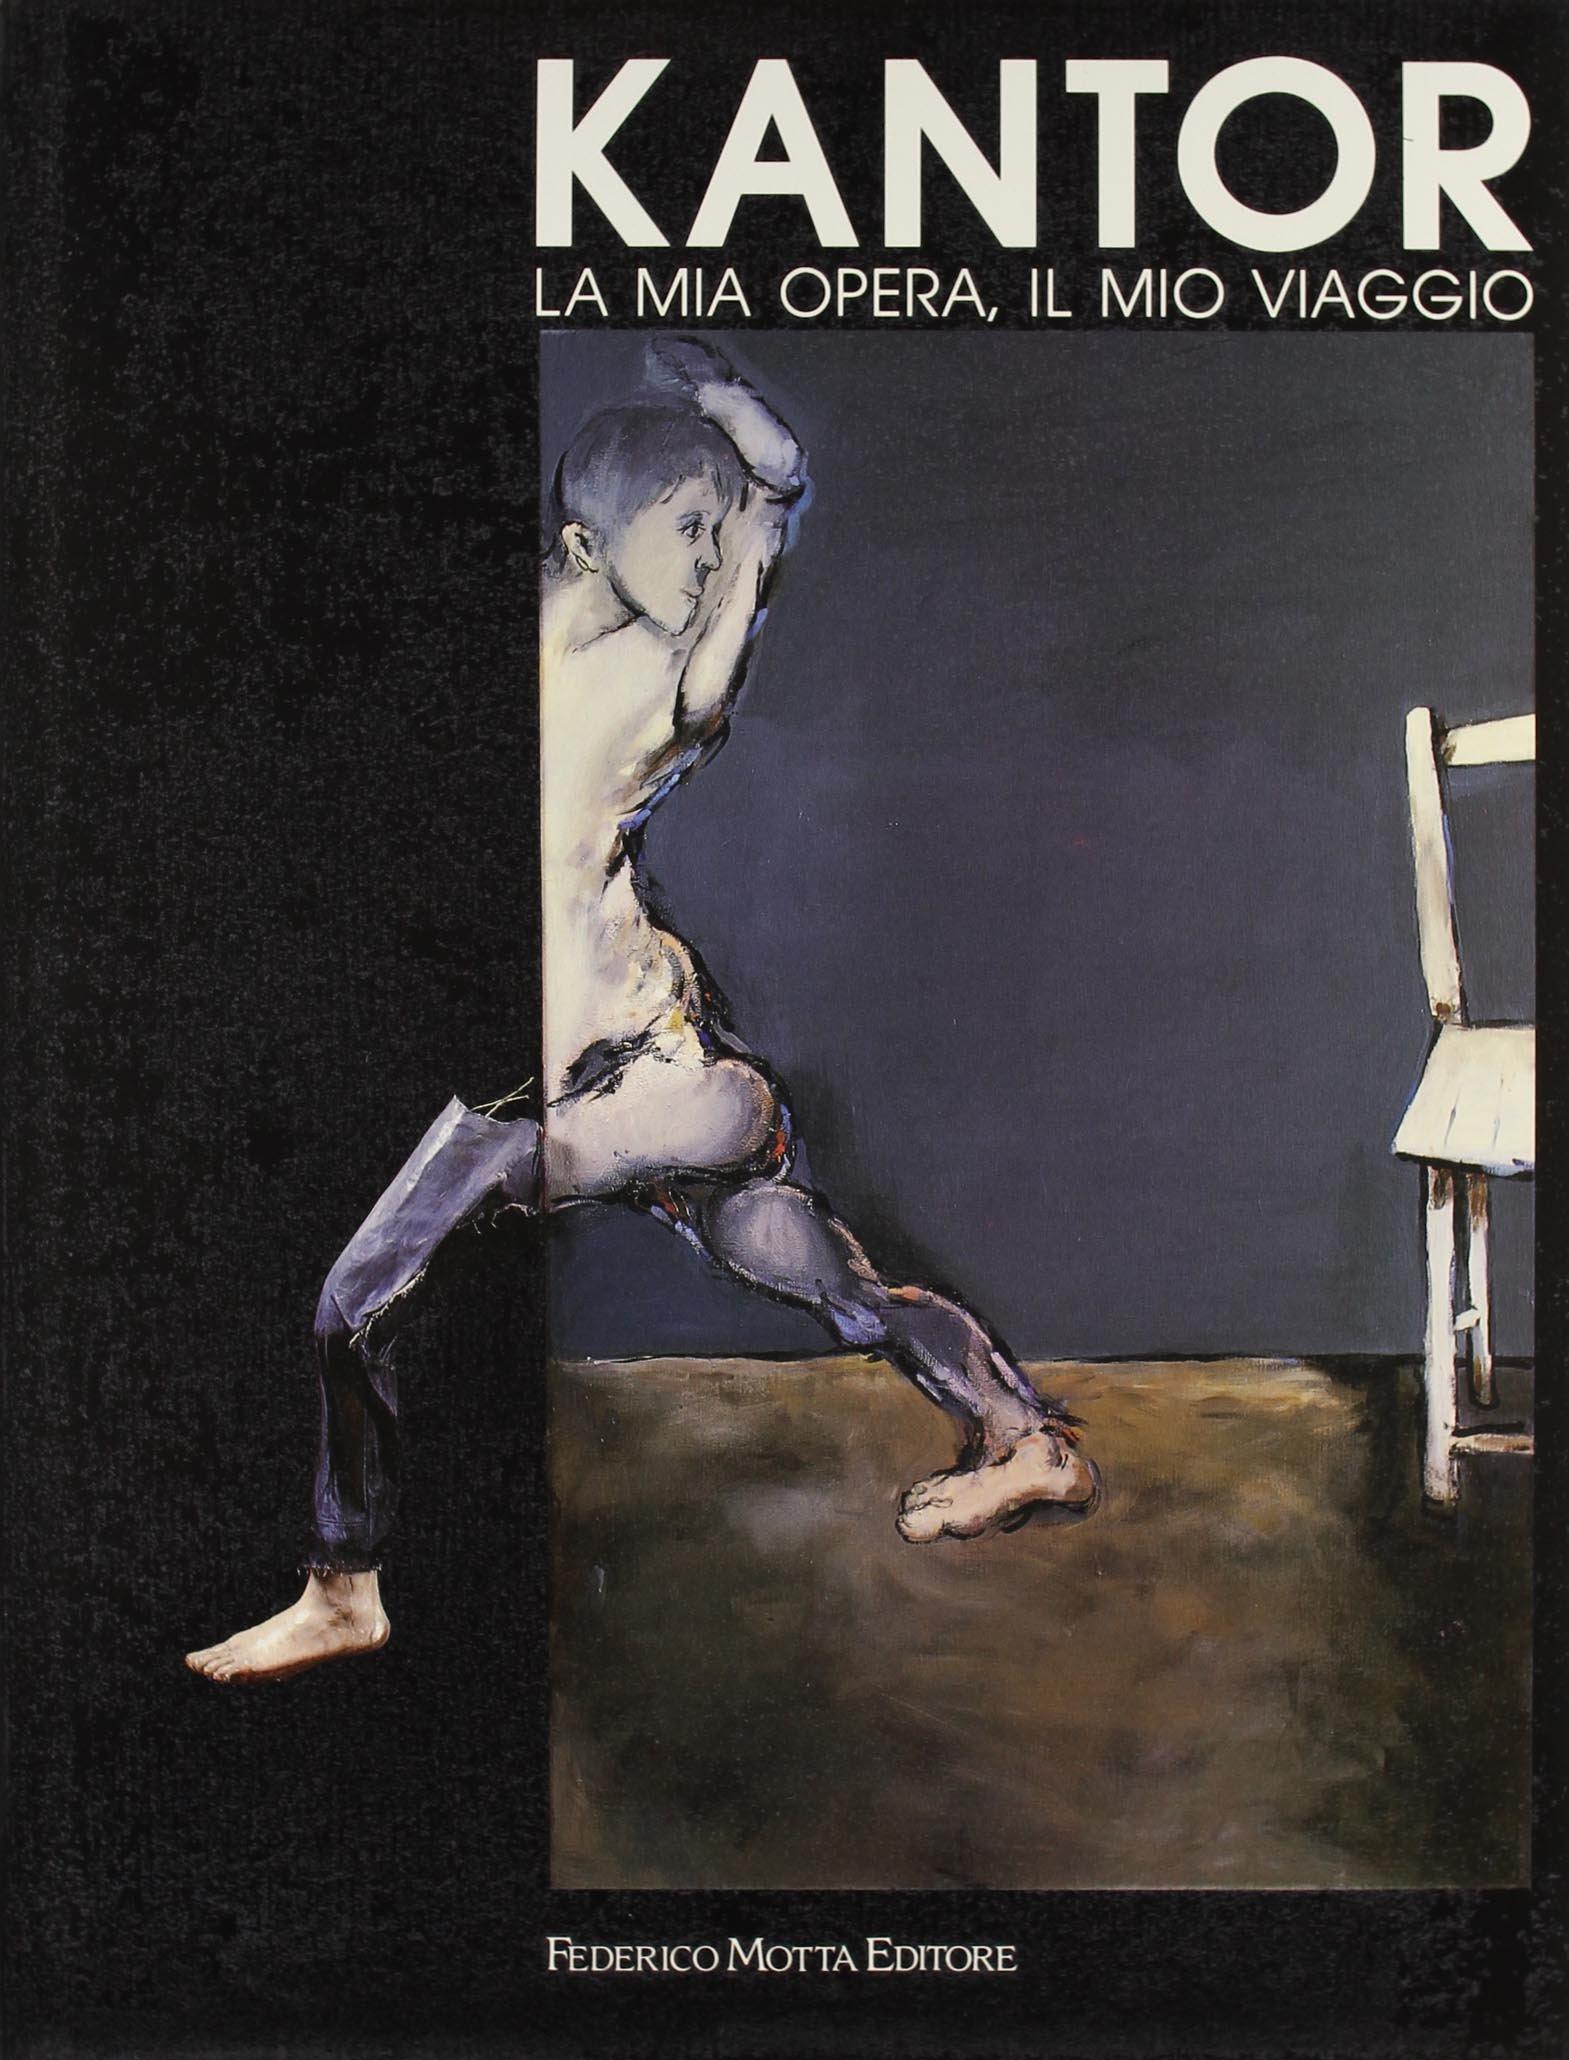 La mia opera, il mio viaggio. Ediz. illustrata Copertina rigida – 31 ott 1991 Tadeusz Kantor L. Ryba 24 Ore Cultura 8871790235